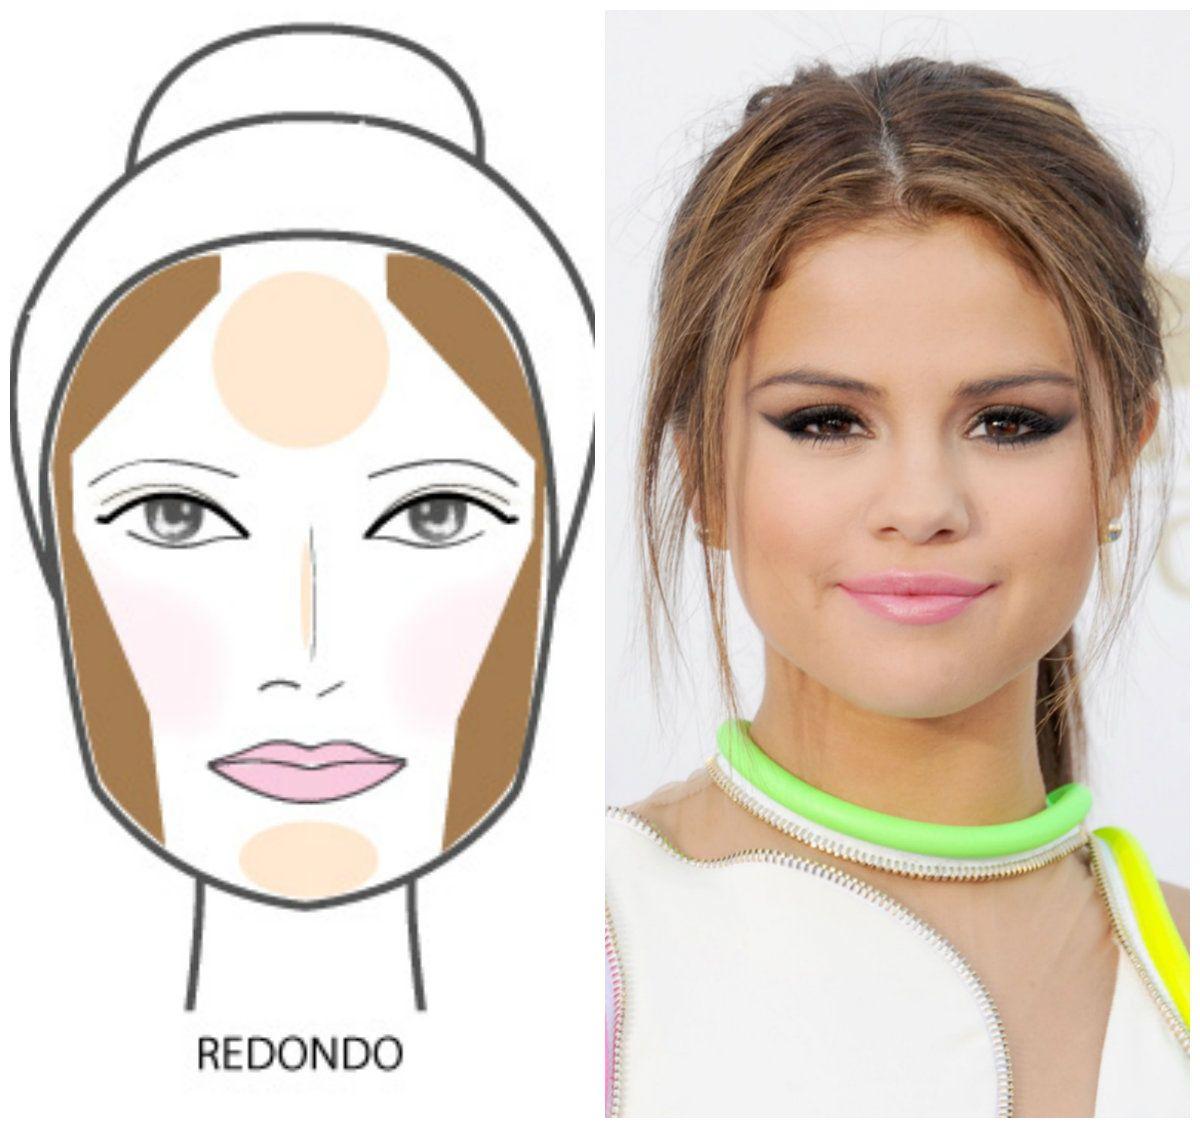 Beauty Blender Contorno Para Cara Redonda Maquillaje Para Cara Redonda Maquillaje Cara Redonda